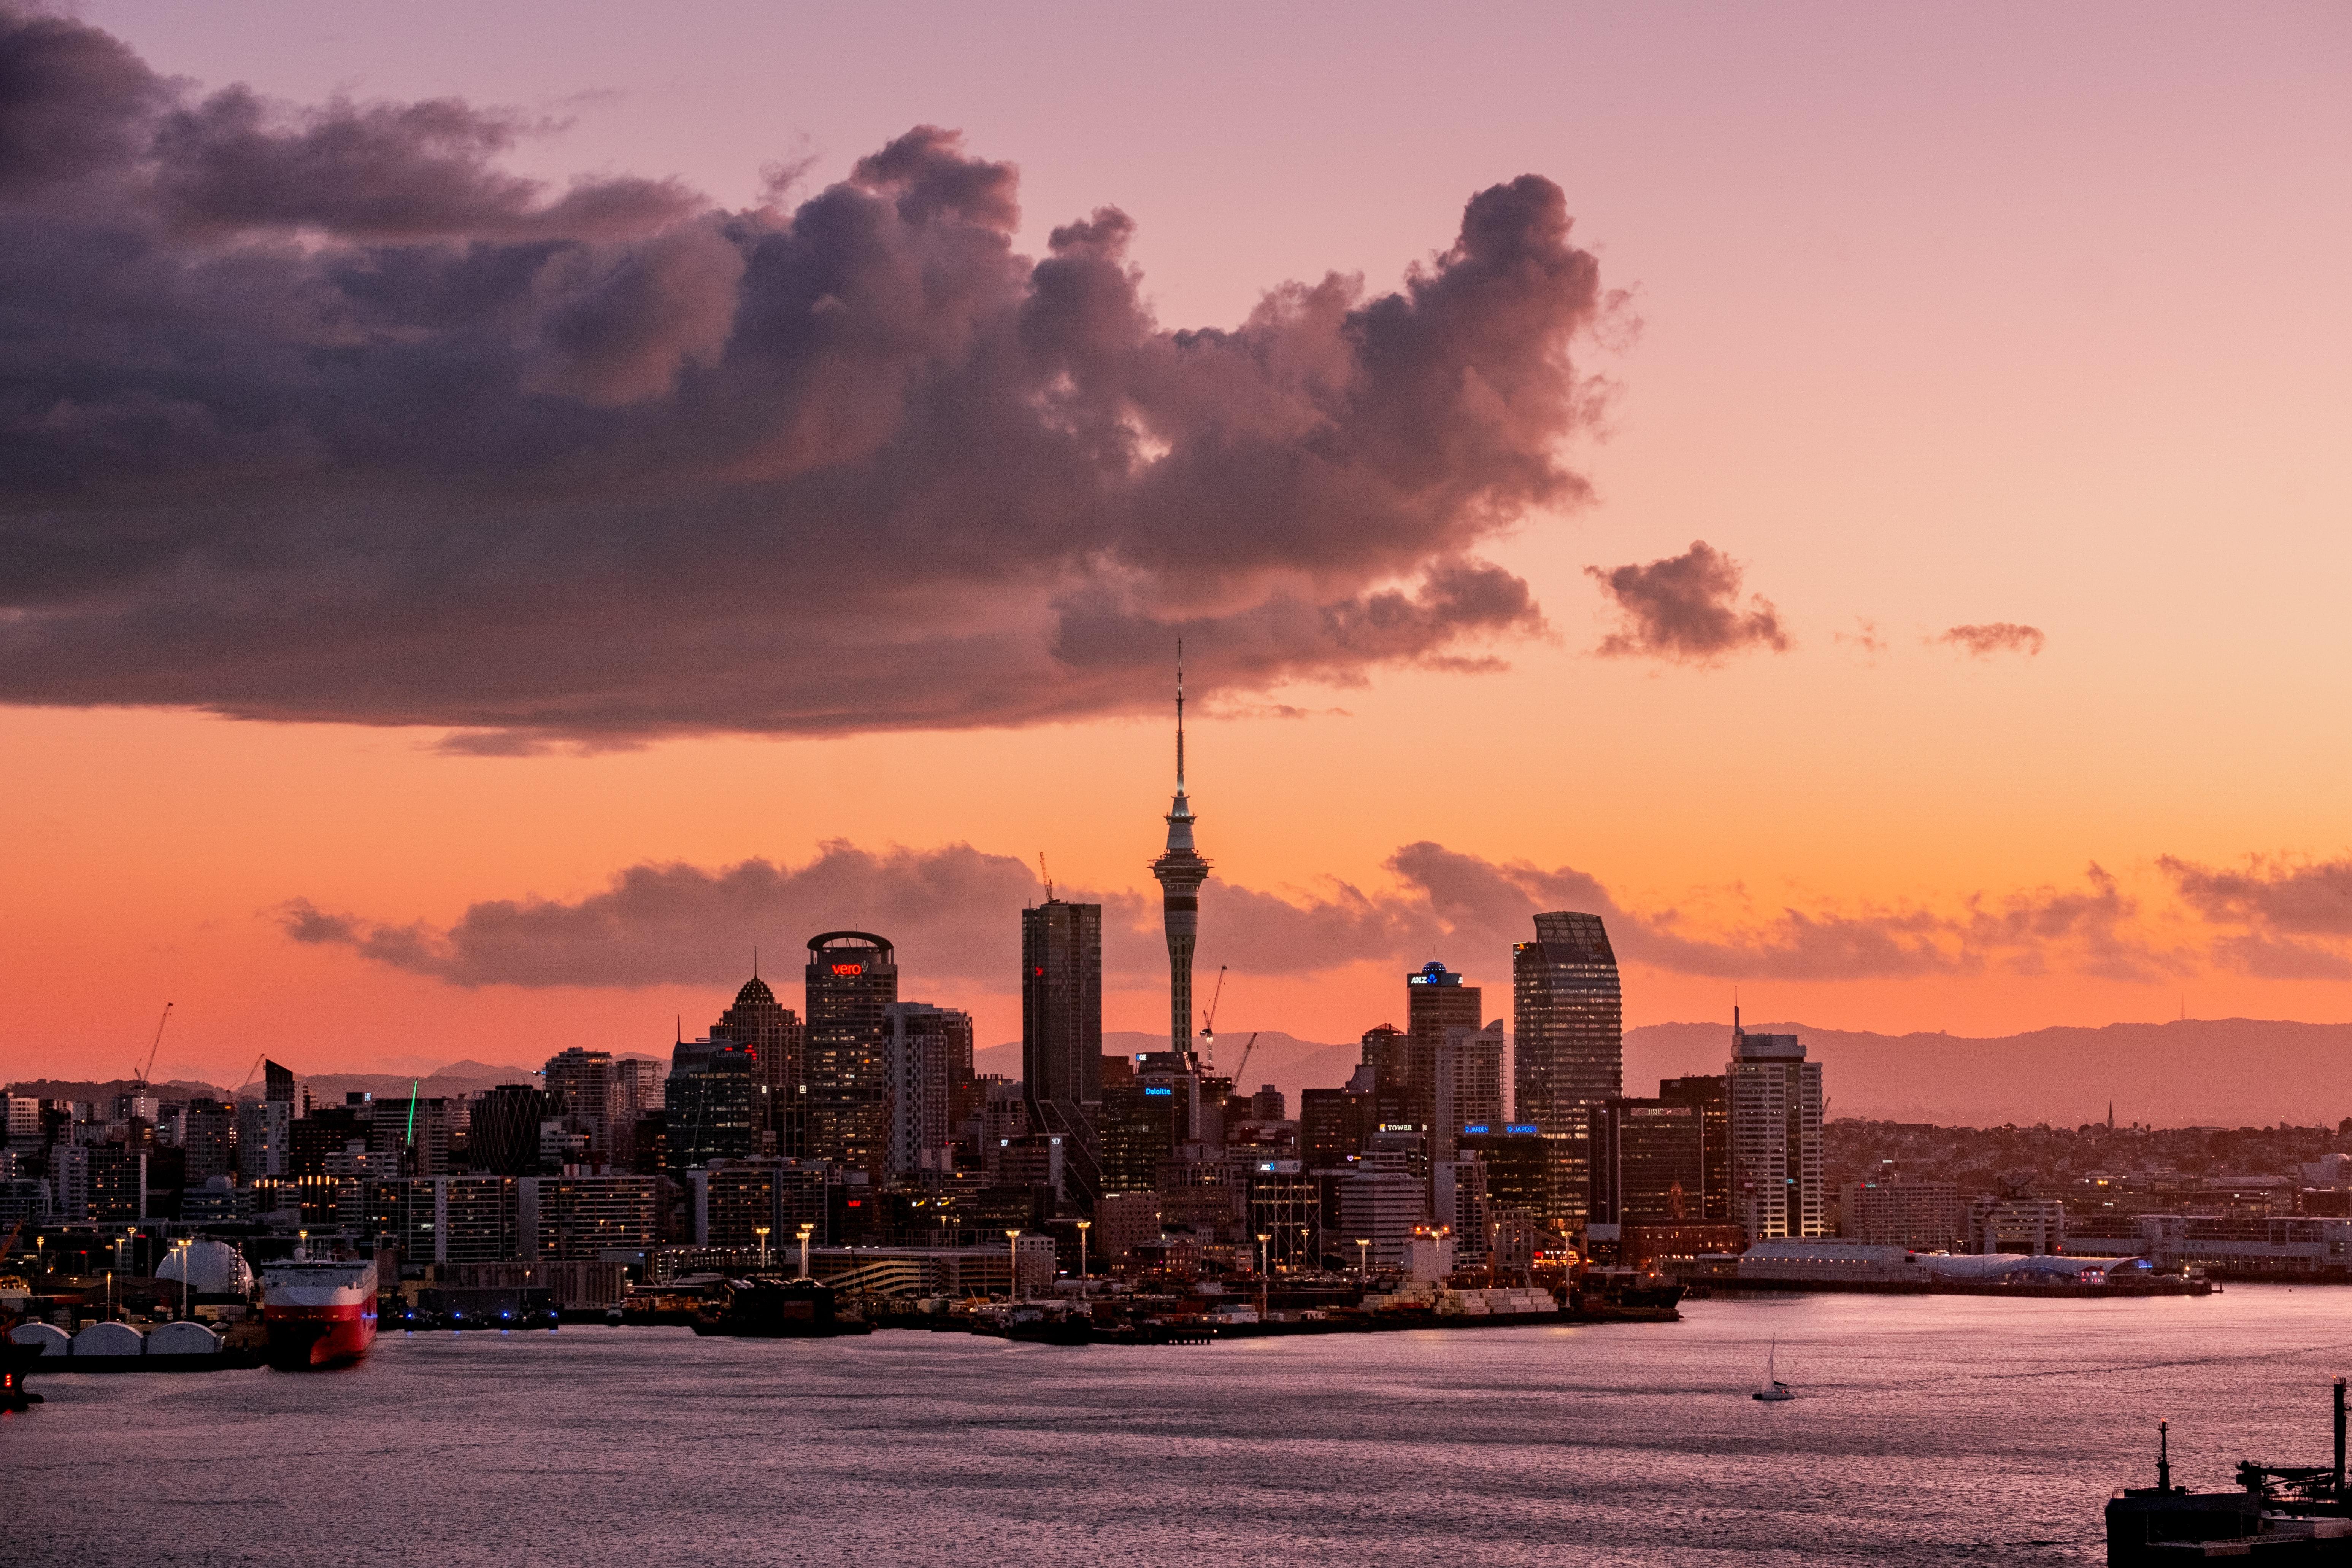 146844壁紙のダウンロード市, 都市, 建物, 海岸, オークランド, ニュージーランド-スクリーンセーバーと写真を無料で